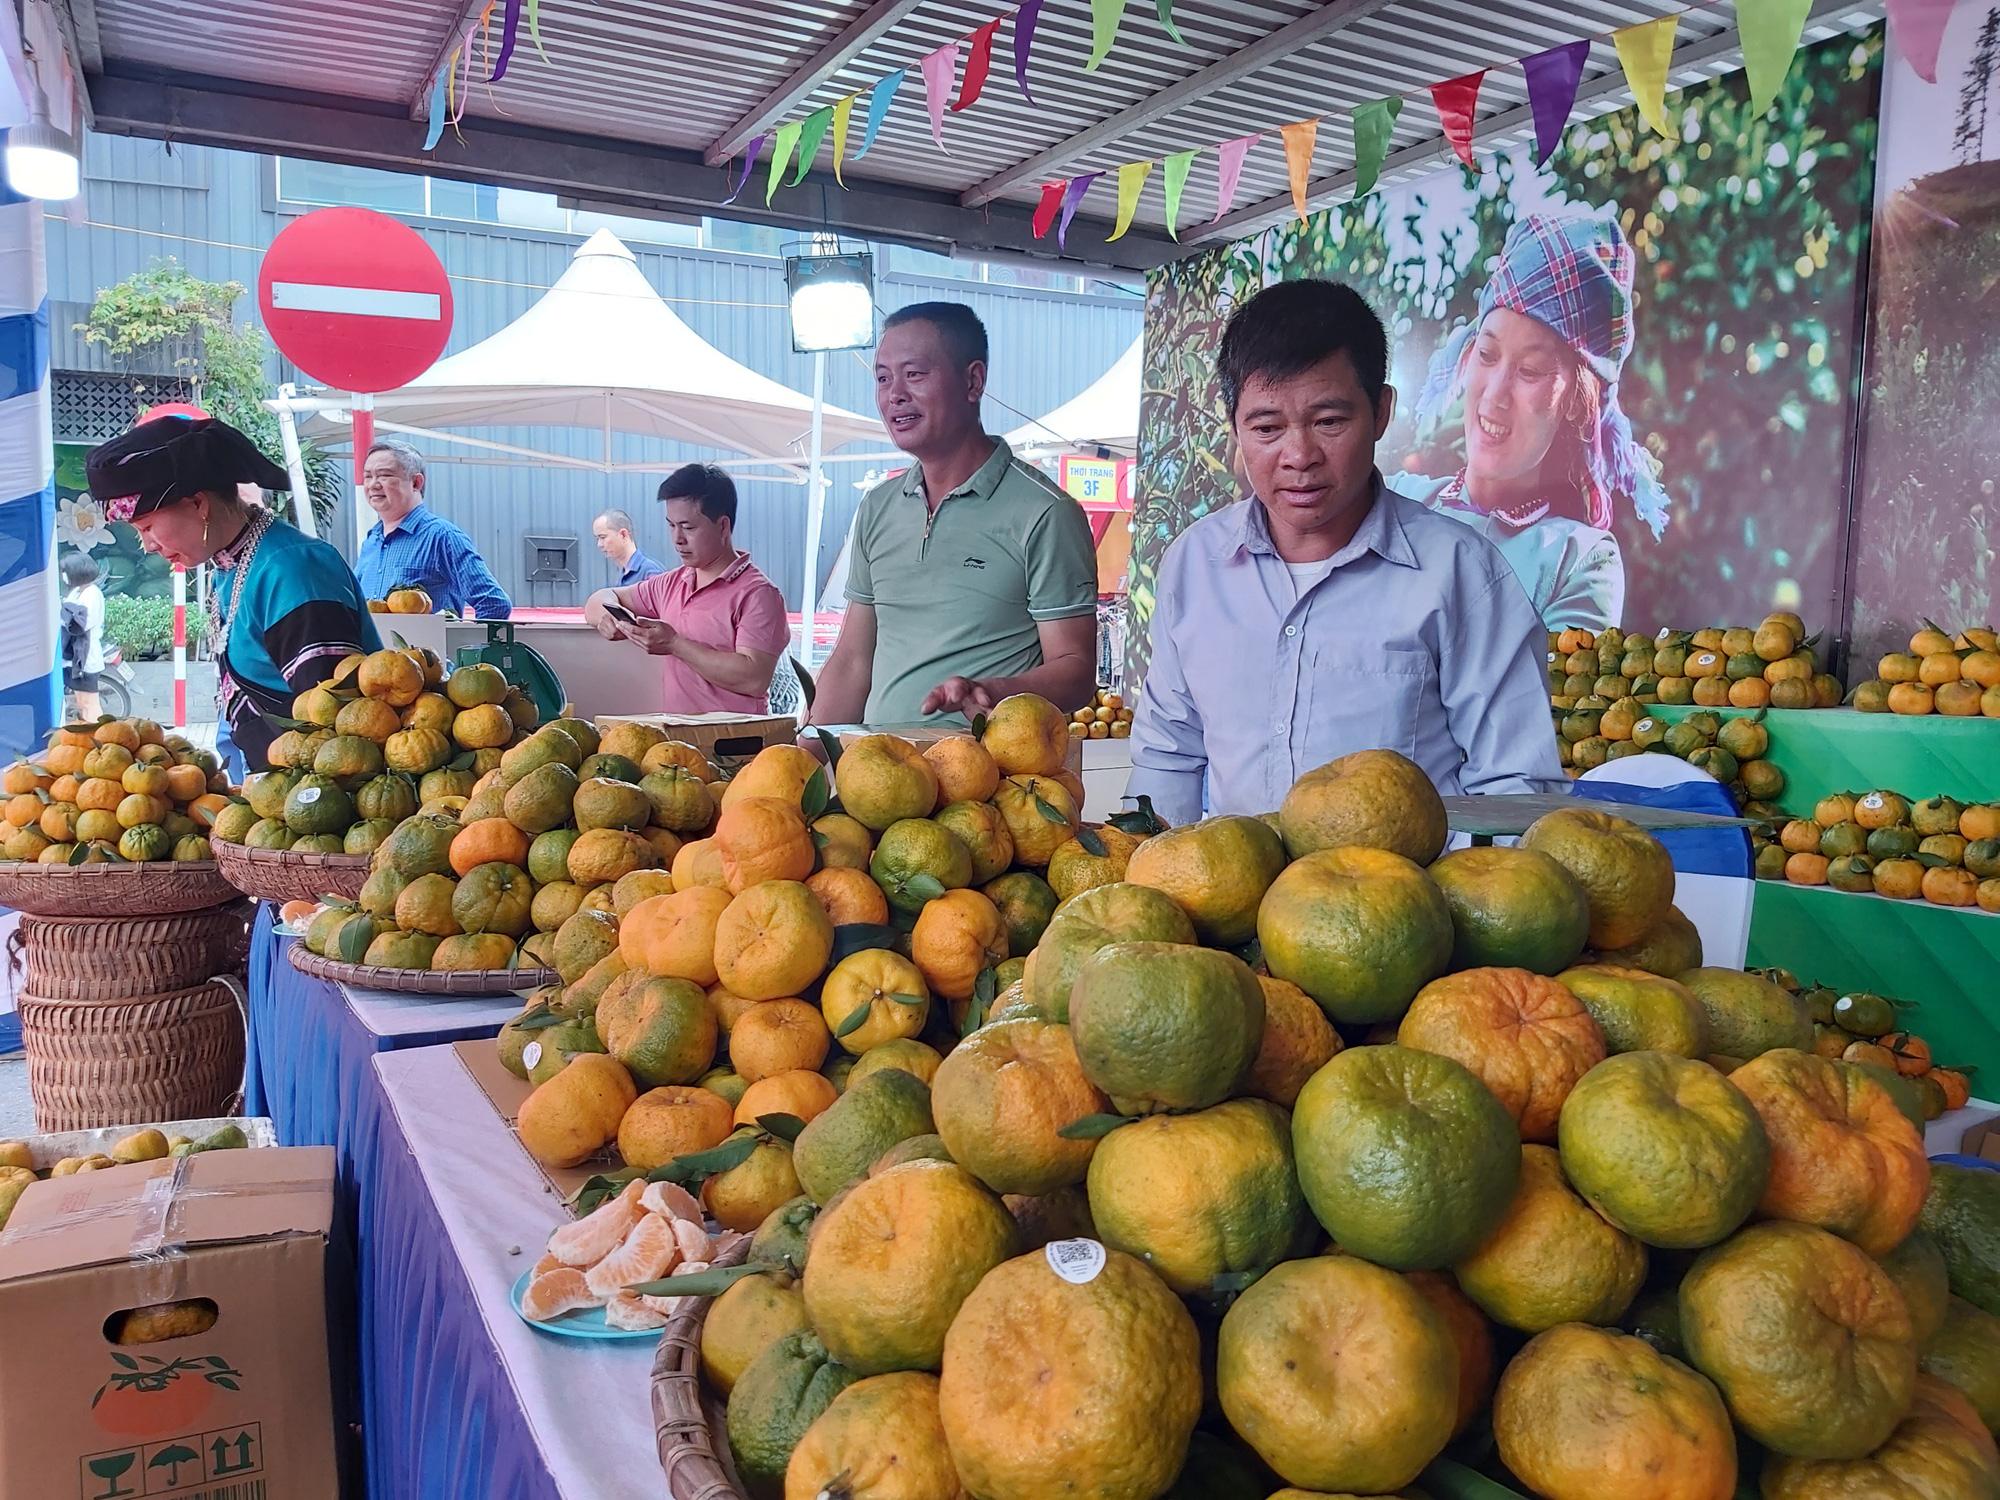 """Quýt ngọt, gạo Séng Cù, bưởi Múc...của huyện Mường Khương """"đổ bộ"""" xuống Thủ đô, người dân mê mẩn mua về ăn thử - Ảnh 11."""